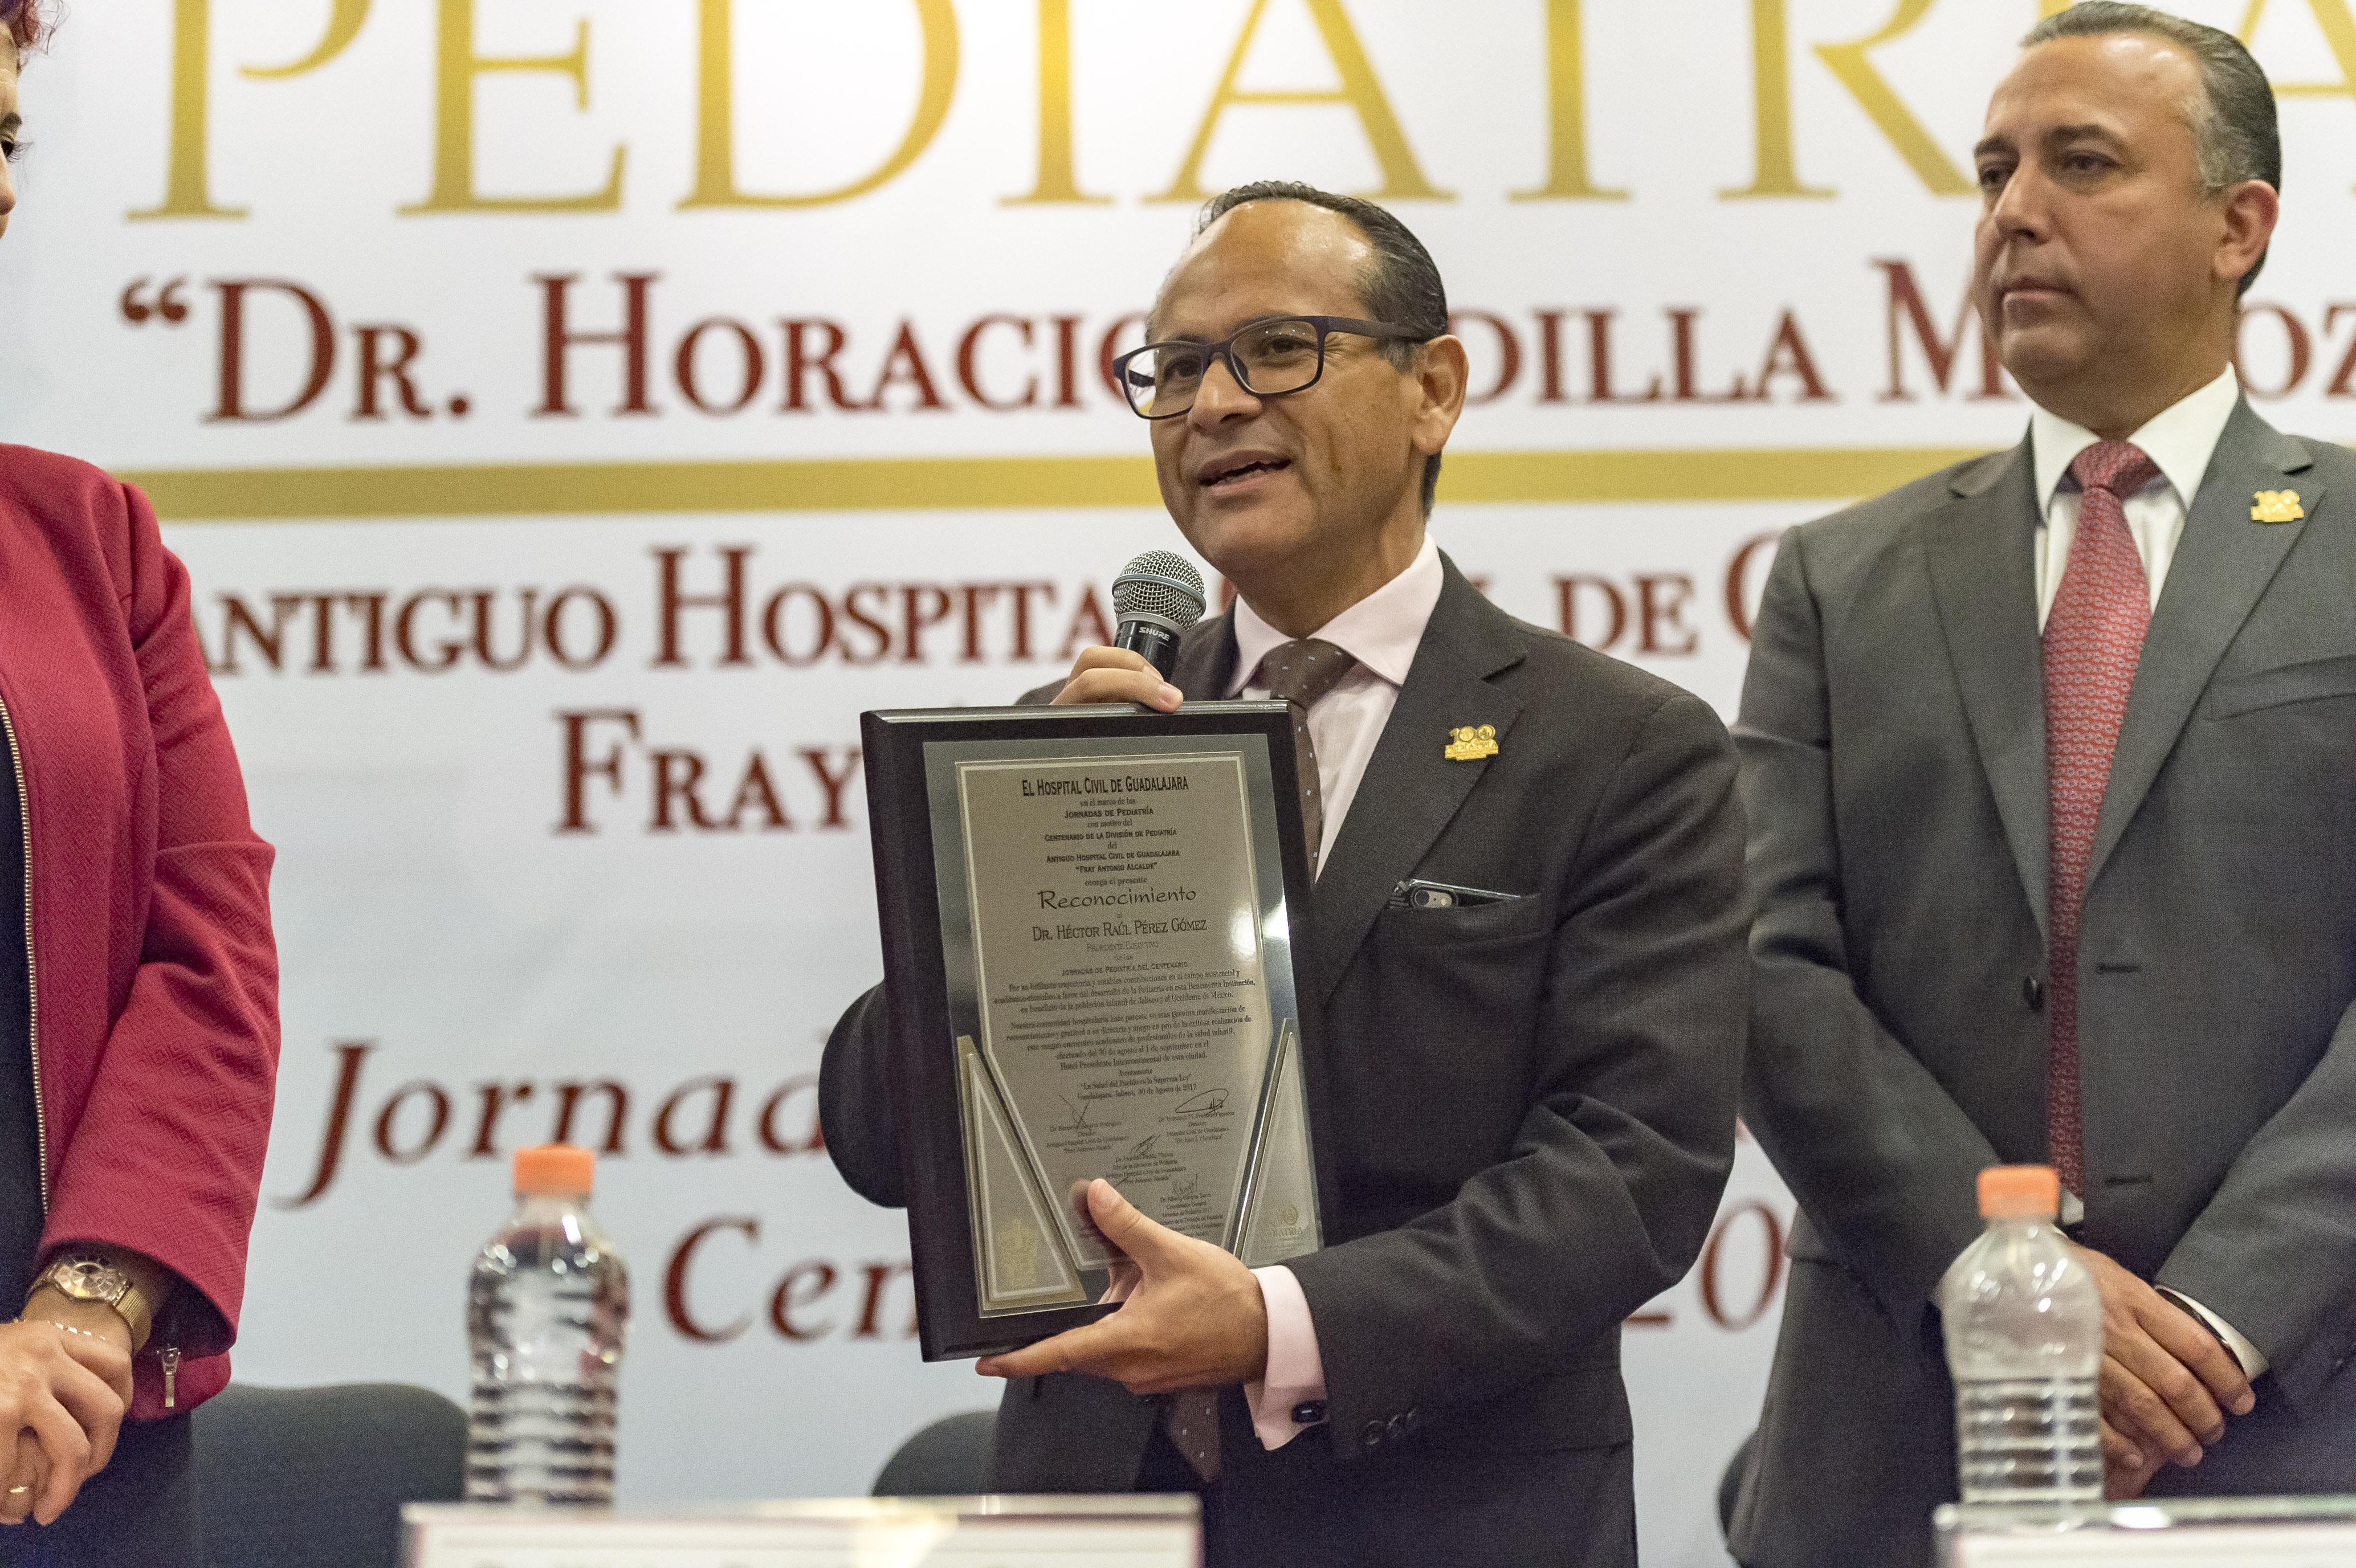 doctor Héctor Raúl Pérez Gómez, Director General del OPD Hospital Civil haciendo uso de la palabra